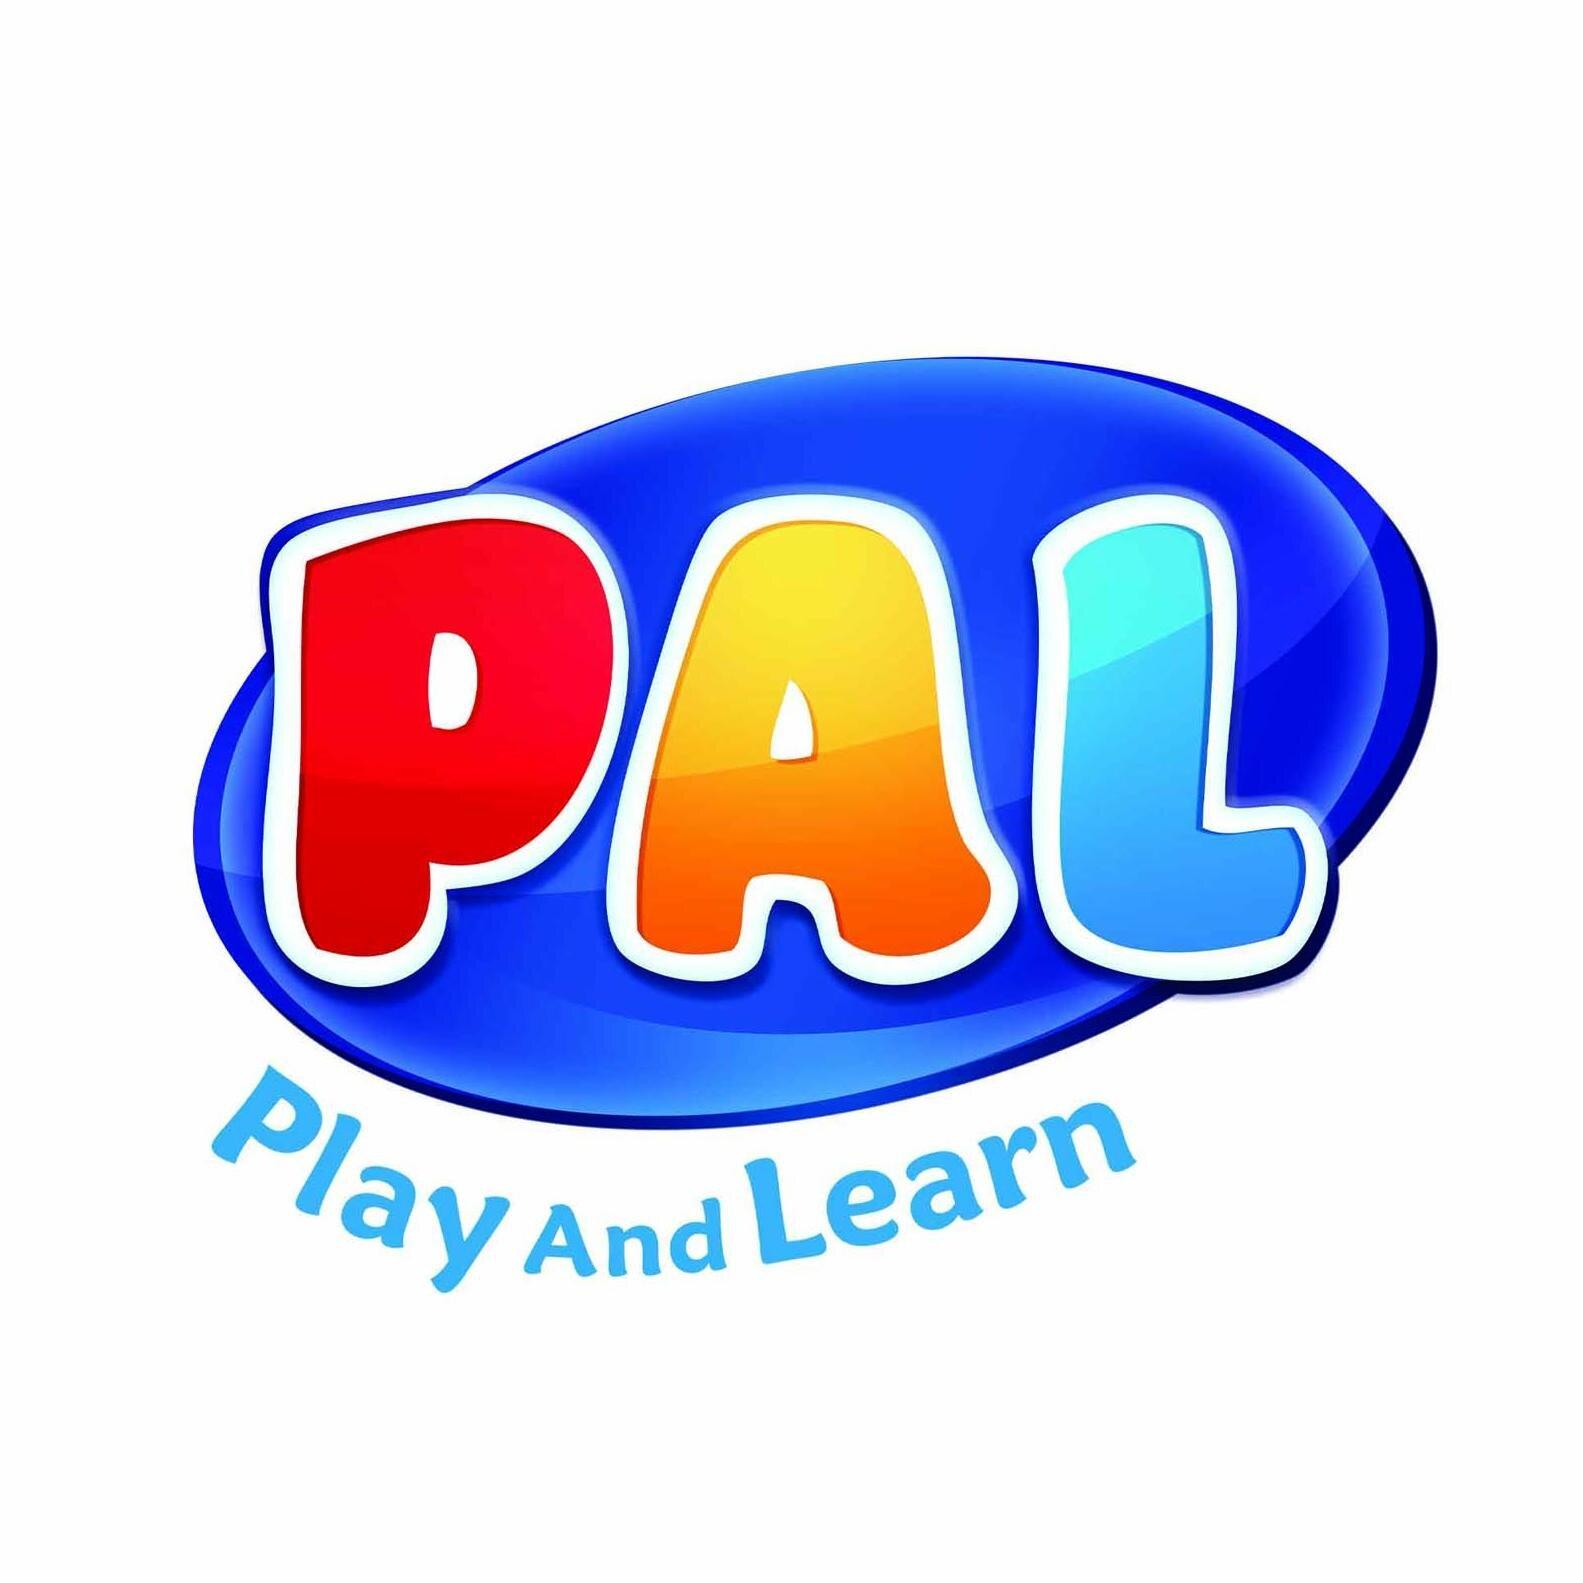 Pal Oyuncak  Twitter Hesabı Profil Fotoğrafı